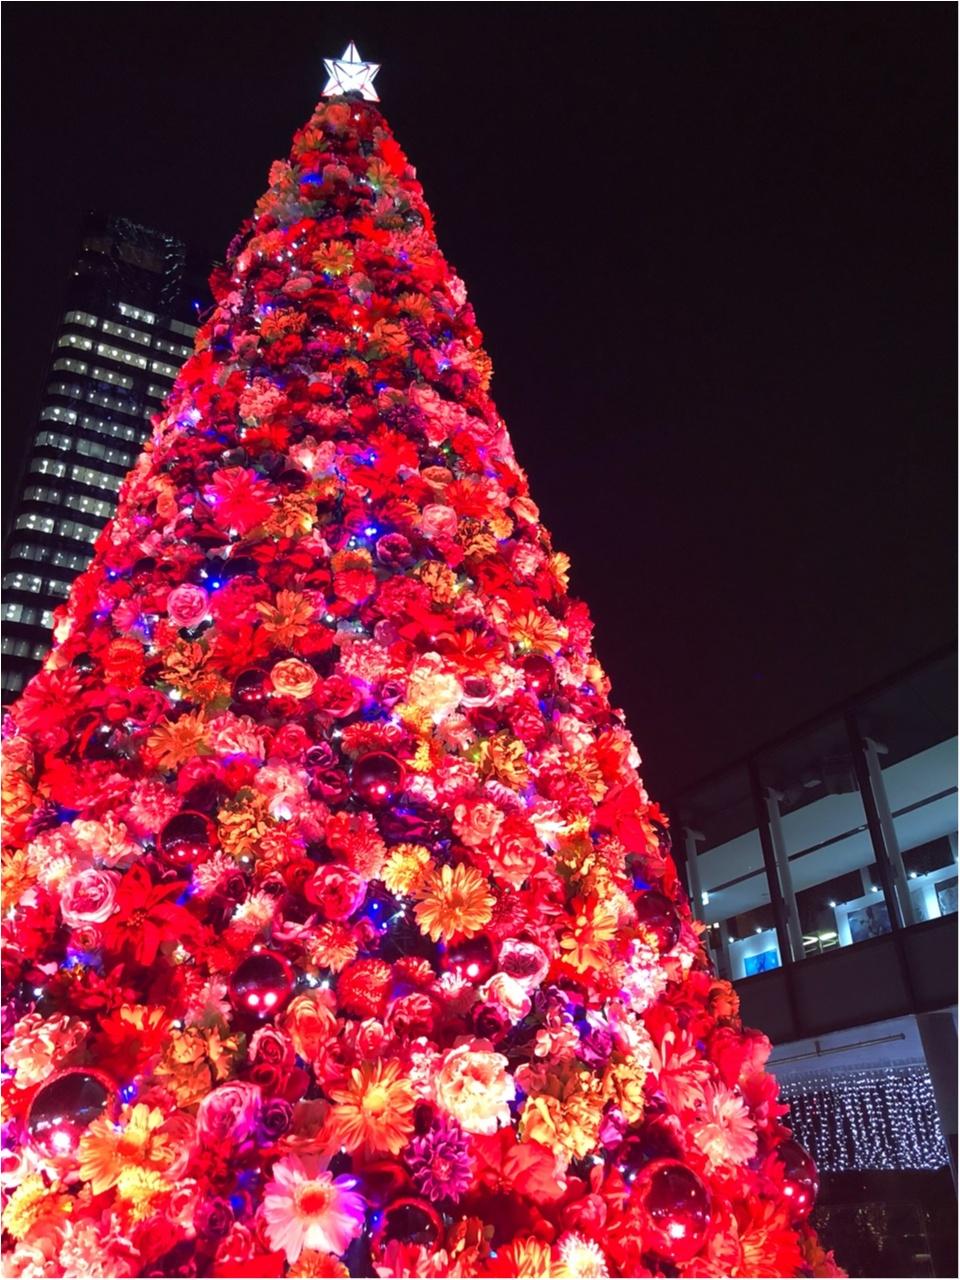 東京スカイツリーに登らずとも楽しめる!ピンクのお花のツリーが可愛いイルミネーション!!_4